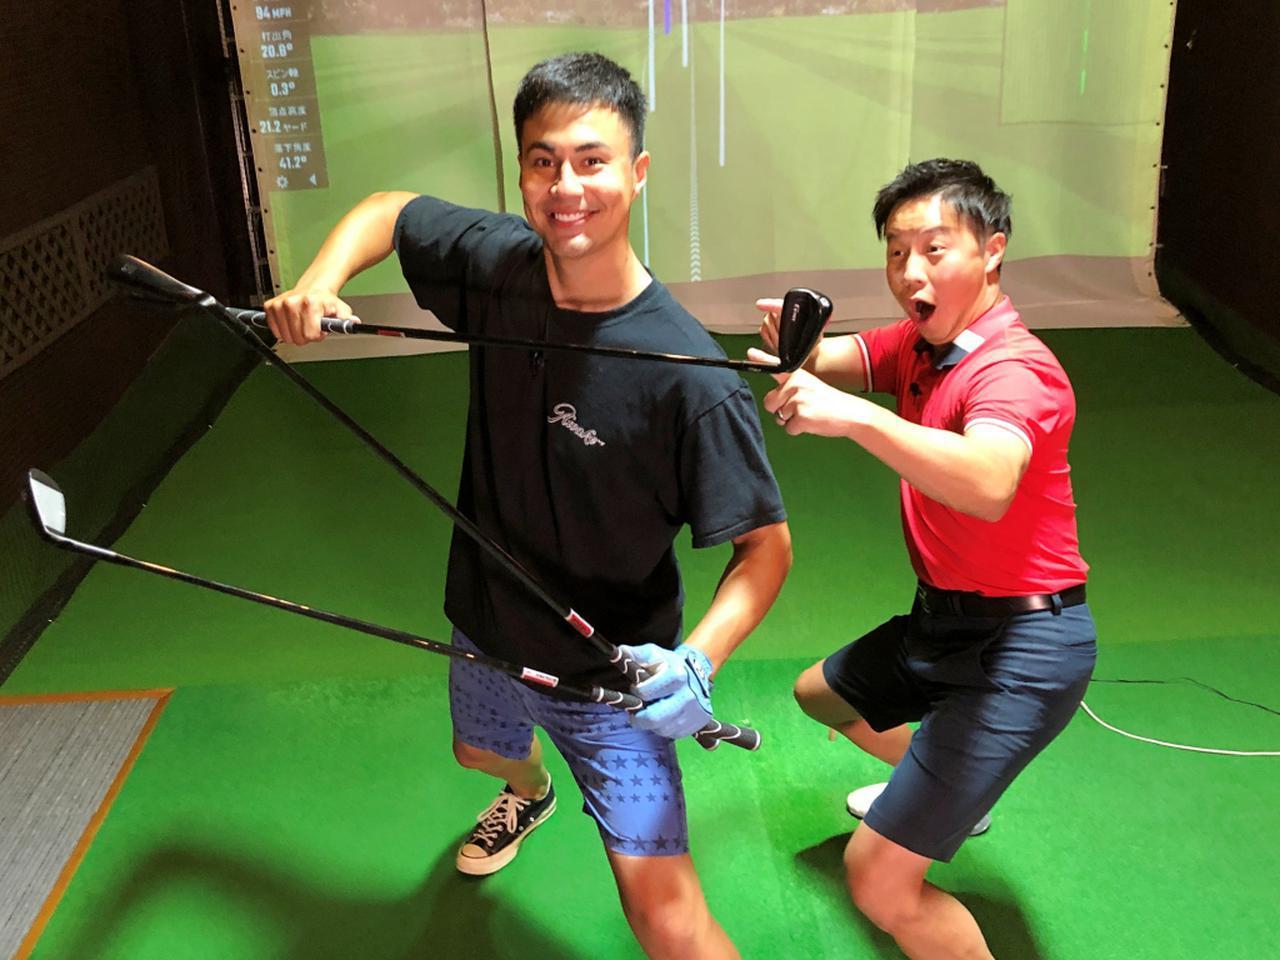 画像: 飛ばし屋タレント・ユージ(左)が堀口宜篤プロ(右)のフィッティングのもと自分好みのカスタムアイアンを制作! いったいどんな仕上がりになった?